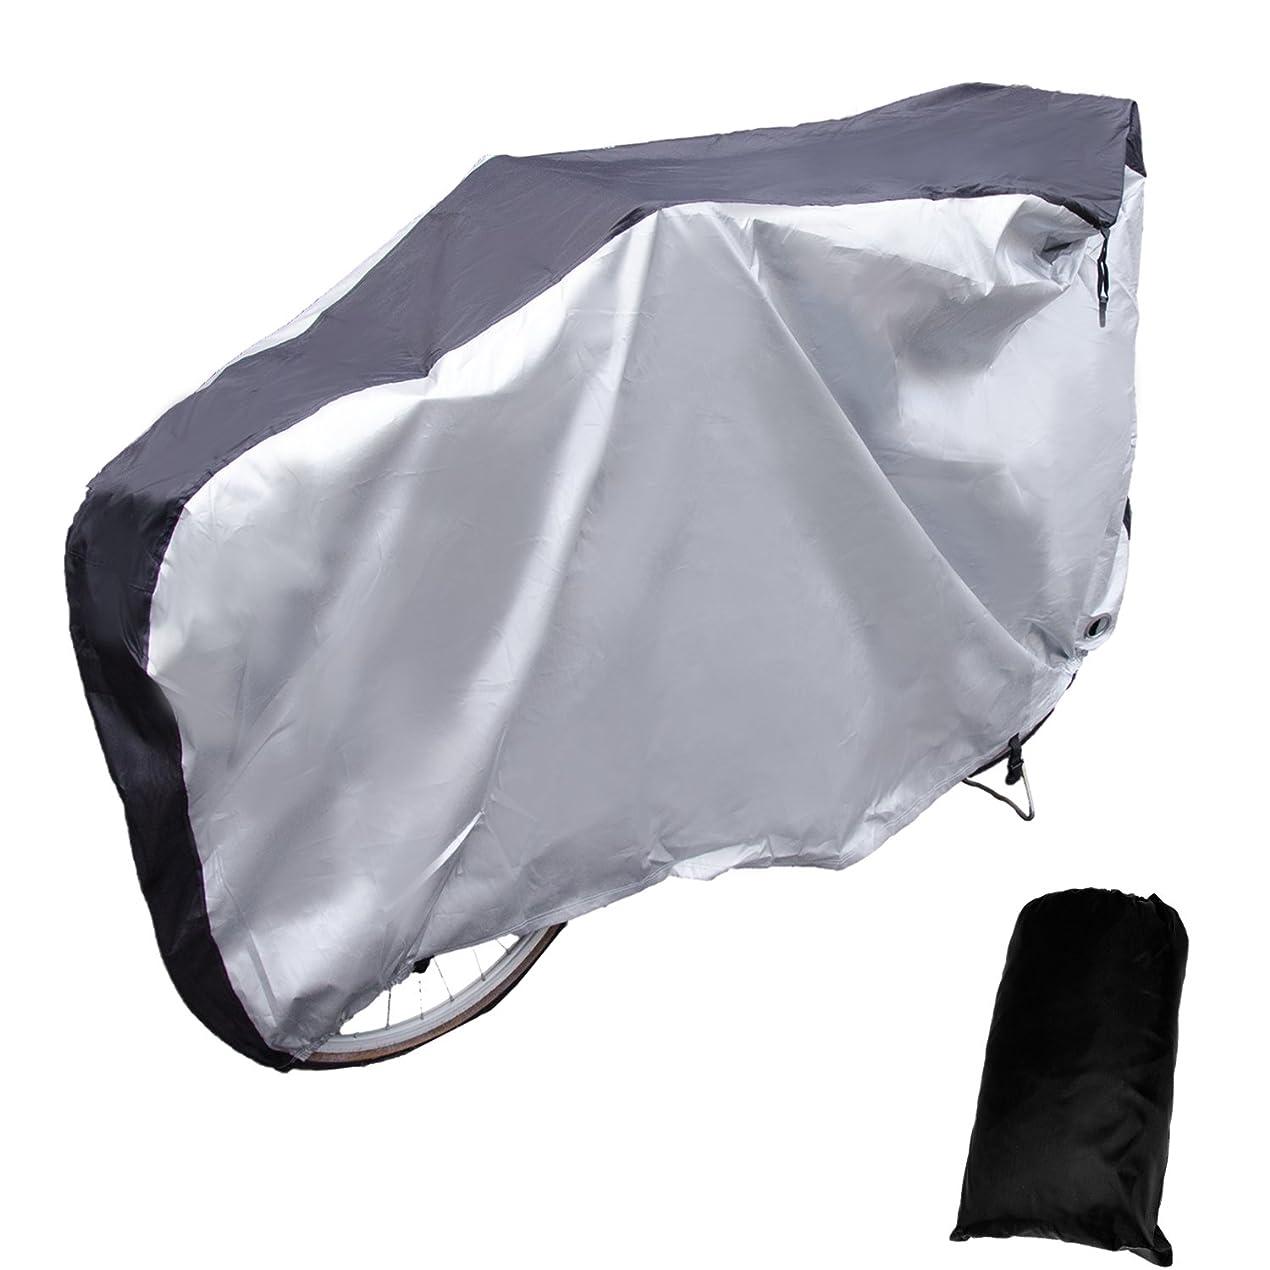 ローラーひねくれた確認MRG 自転車カバー 防水 厚手 210D オックス生地 29インチまで対応 [収納ポーチ付] 防犯 防風 UVカット 撥水 カバー